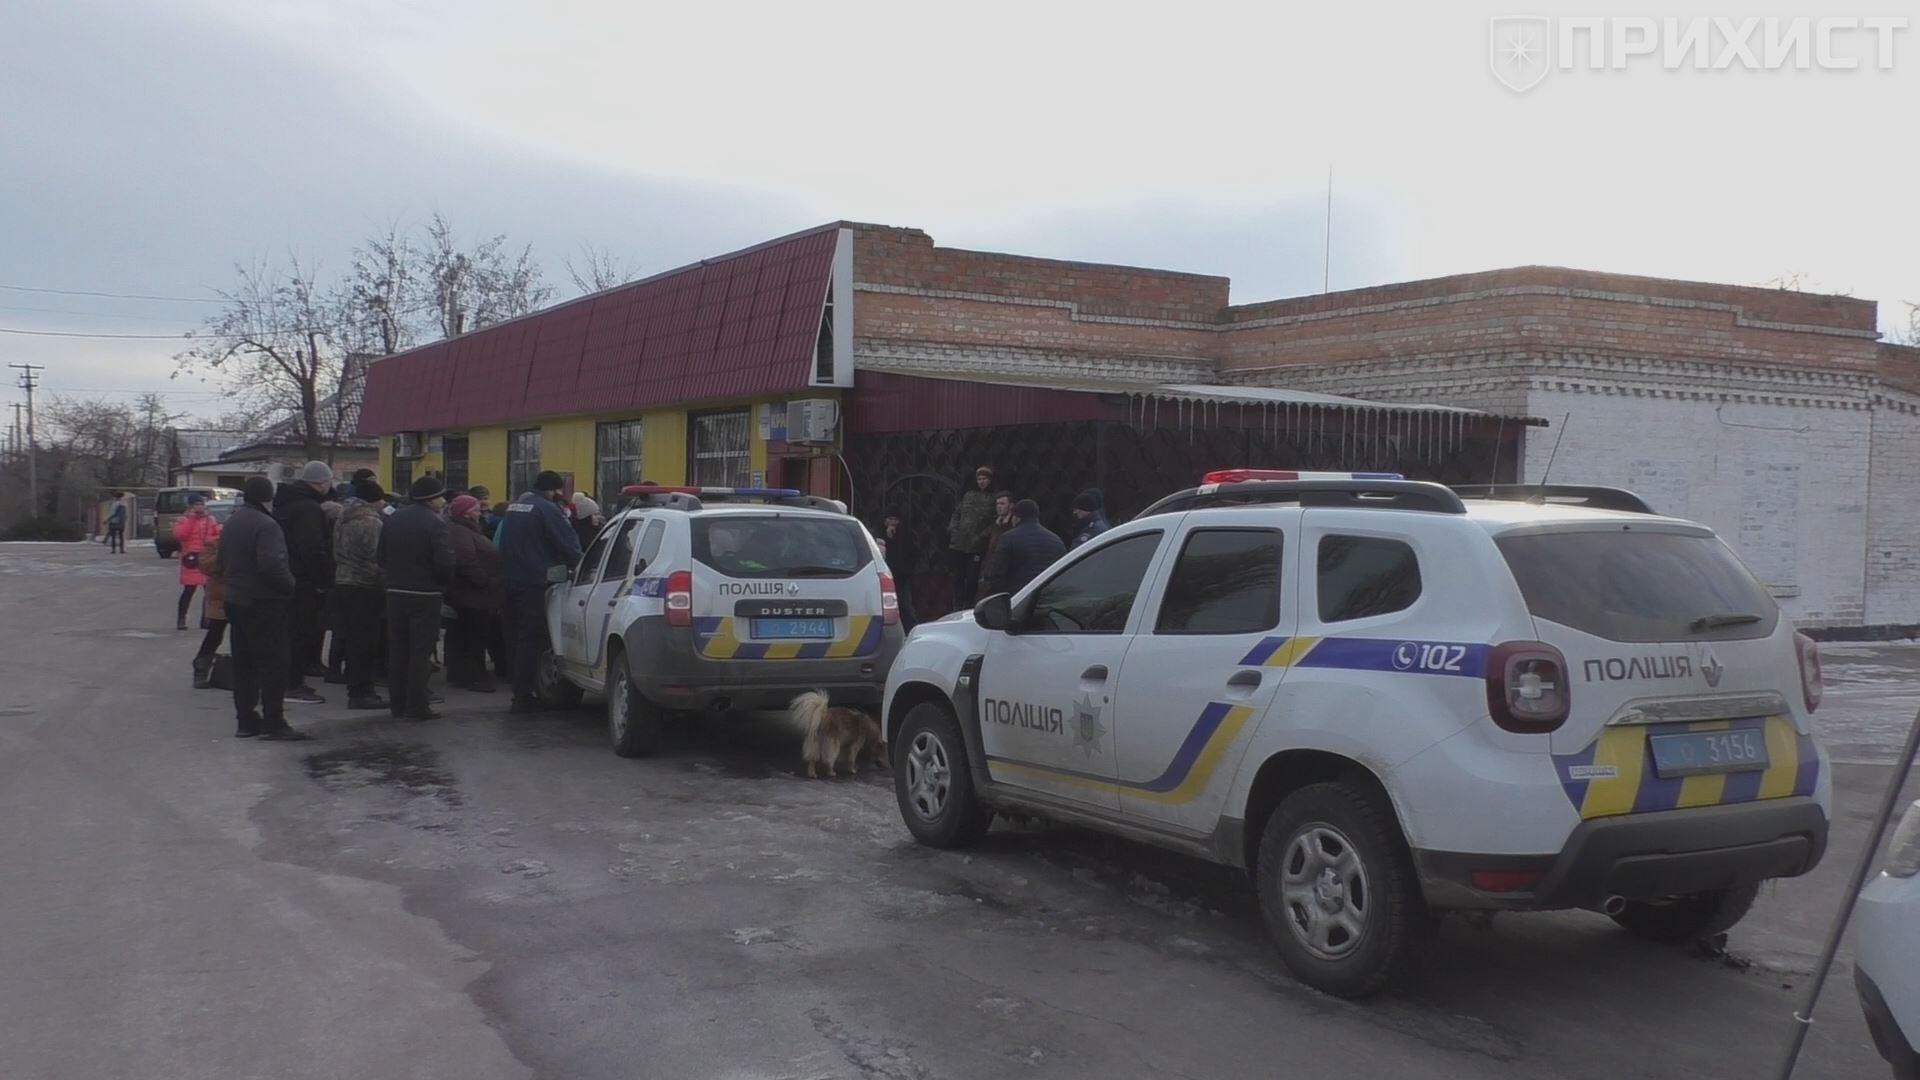 Одна людина тримає в страху все село: мешканці Капулівки потерпають від небезпечного сусідства | Прихист